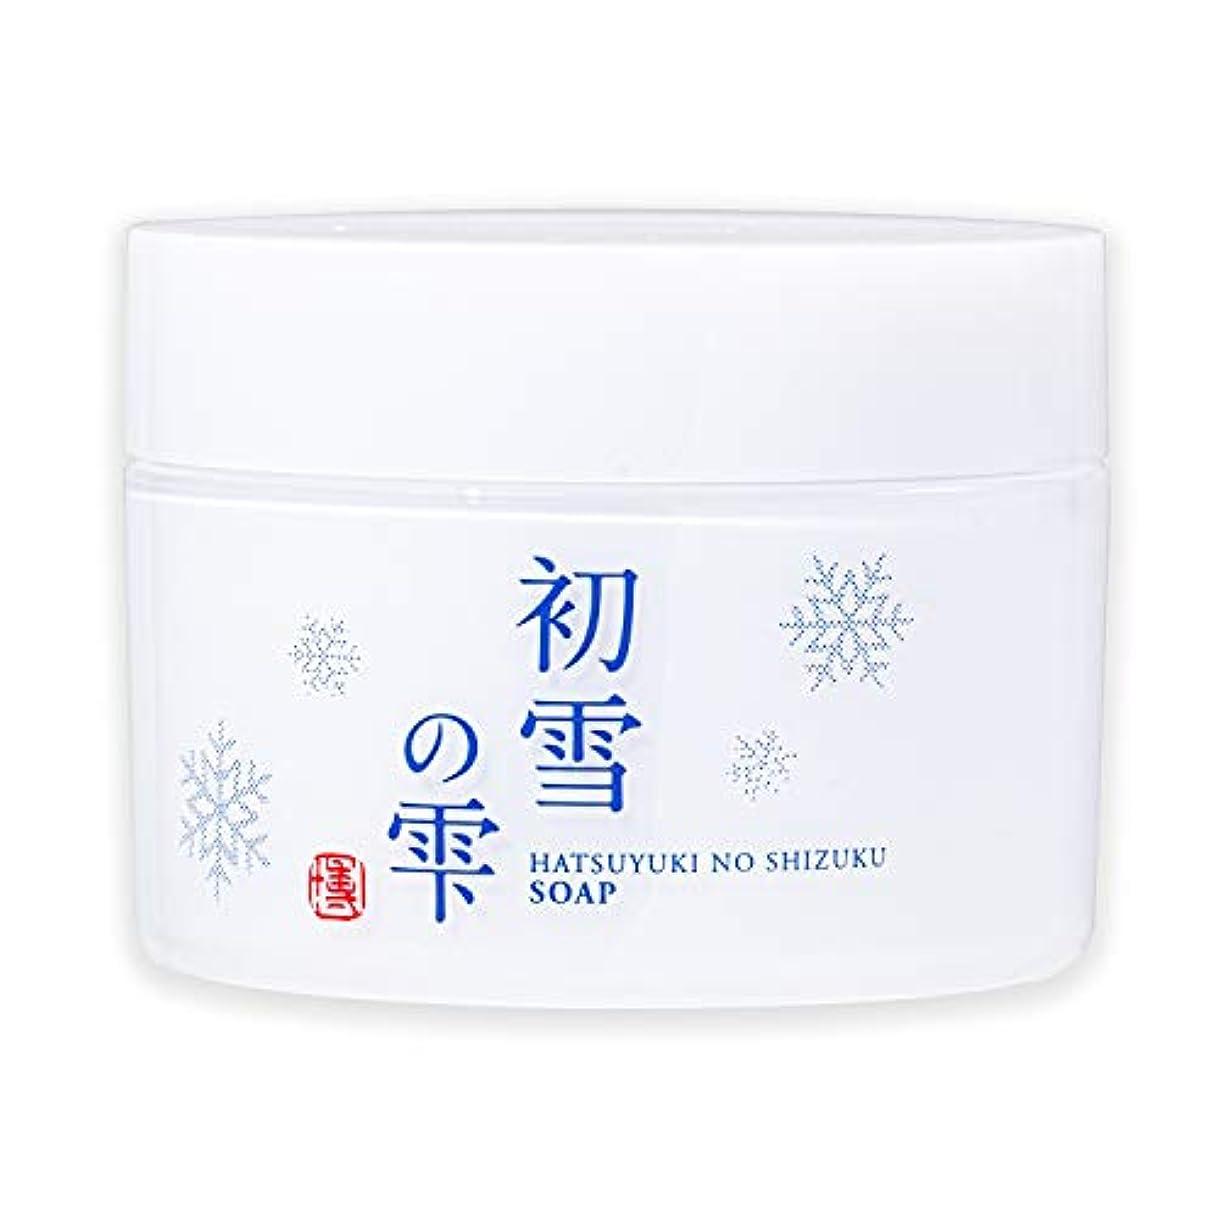 着替える台無しに管理初雪の雫 泡 洗顔 練り せっけん ジャータイプ 105g 約1~1.5ヶ月分 [プラセンタ ヒアルロン酸 セラミド ビタミンC ]